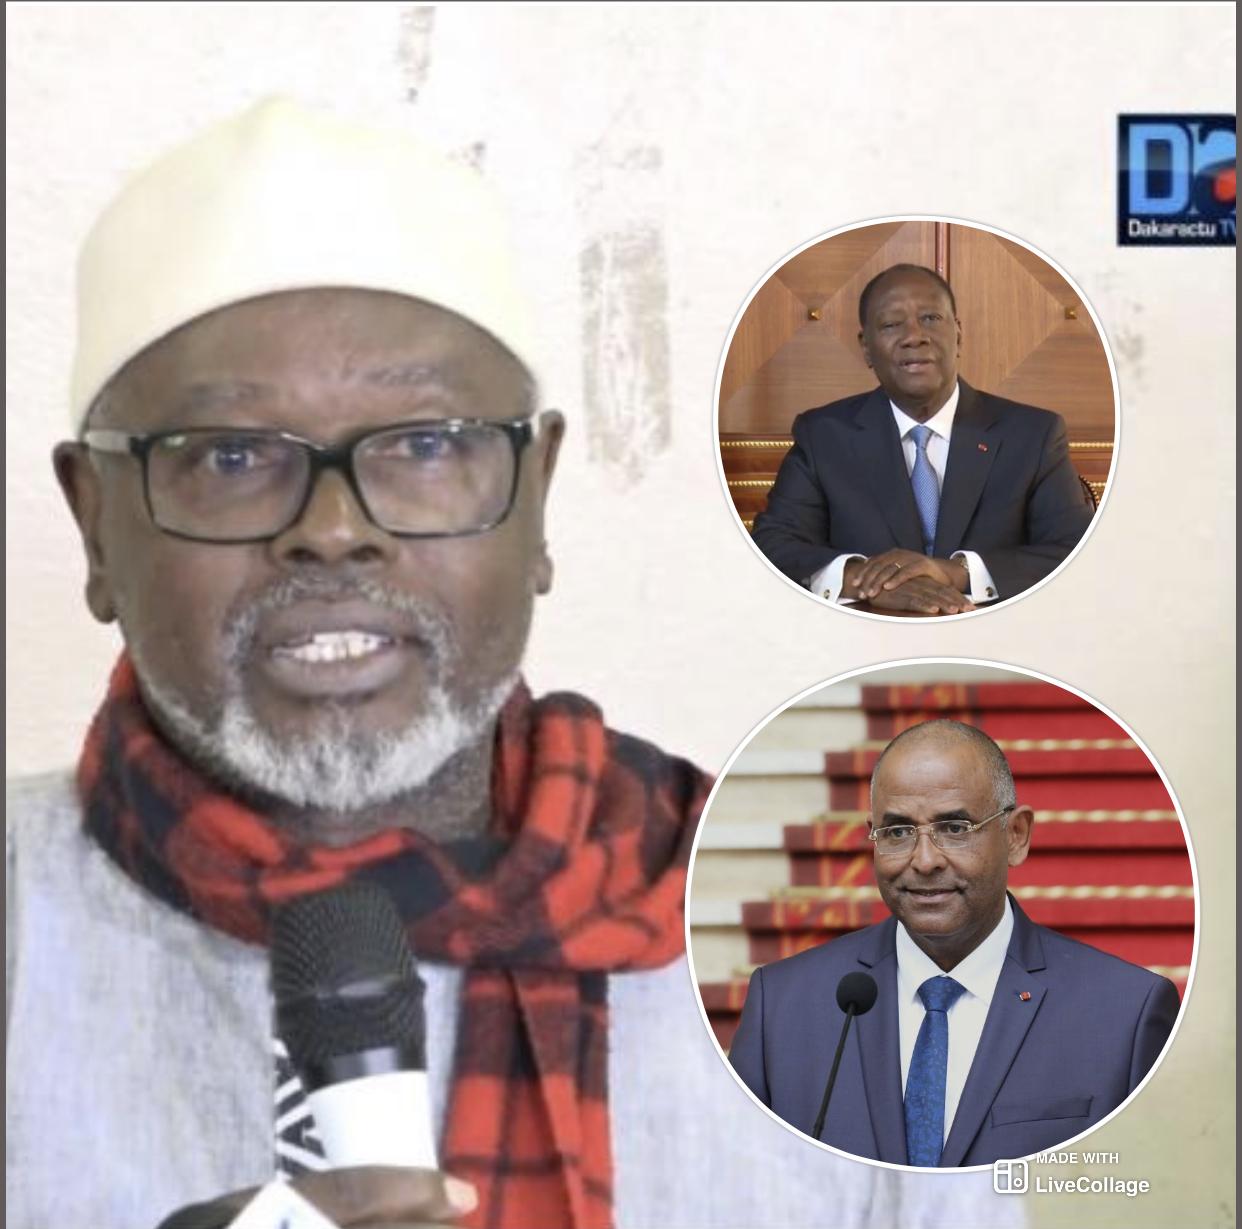 Hospitalisation du Pm ivoirien en France : La presse ivoirienne parle de saignements intestinaux ... Alioune Tine dans tous ses états...